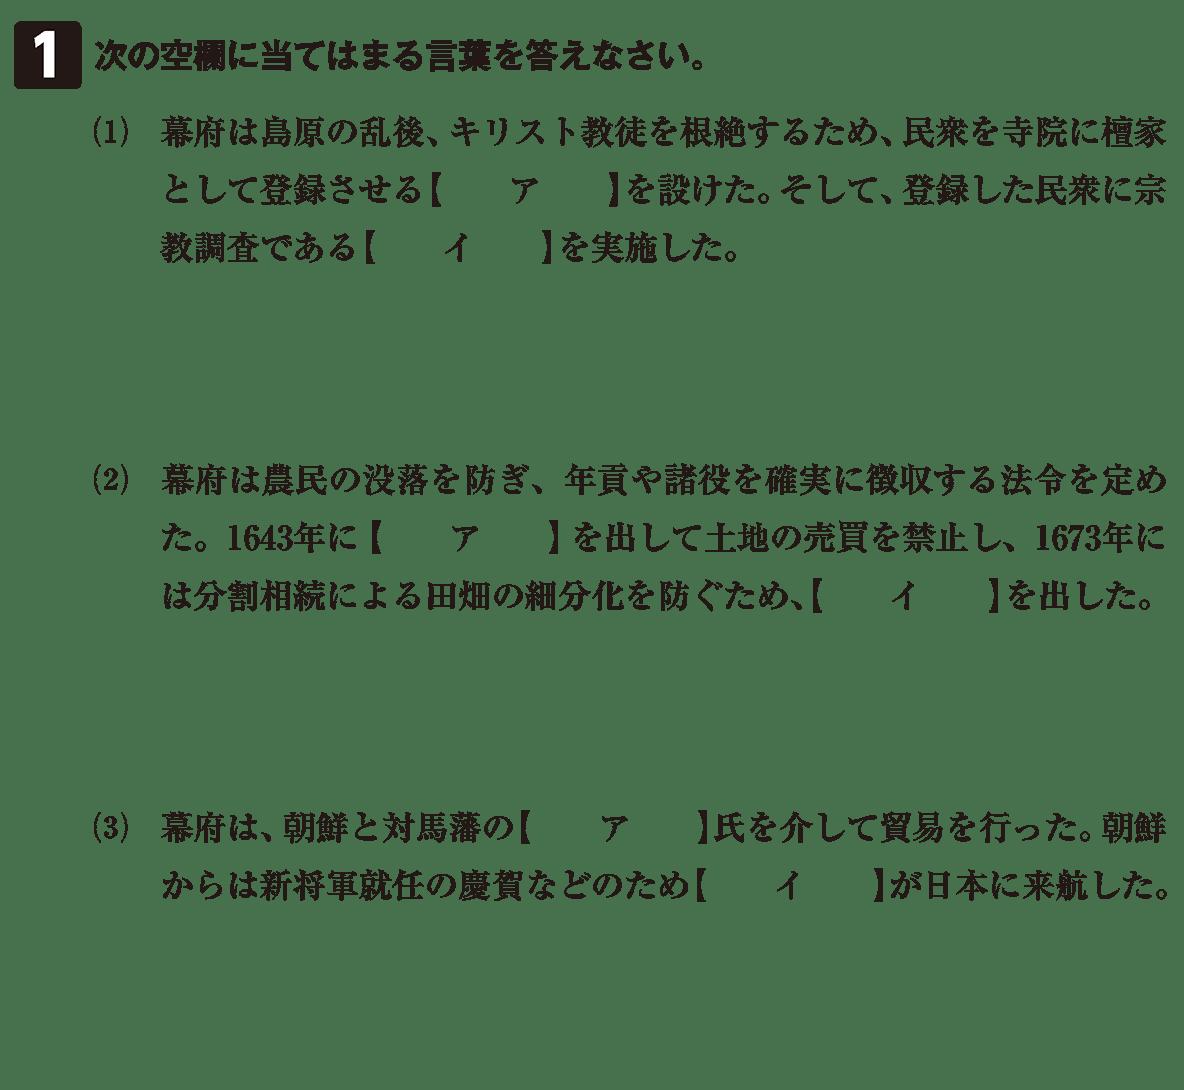 近世24 問題1 カッコ空欄